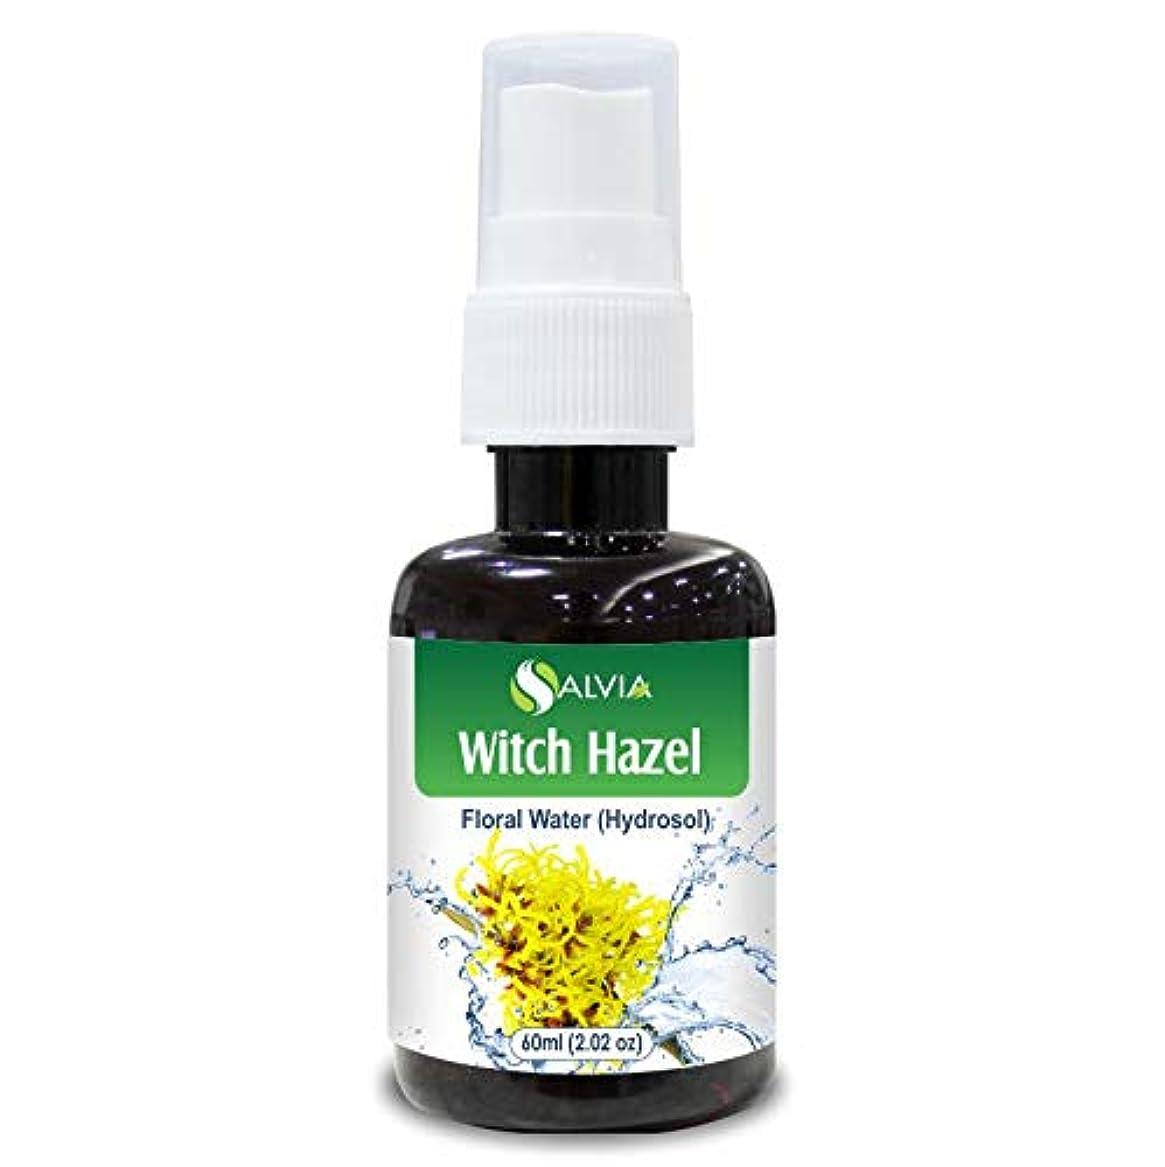 奇妙な前件アスペクトWitch Hazel Floral Water 60ml (Hydrosol) 100% Pure And Natural